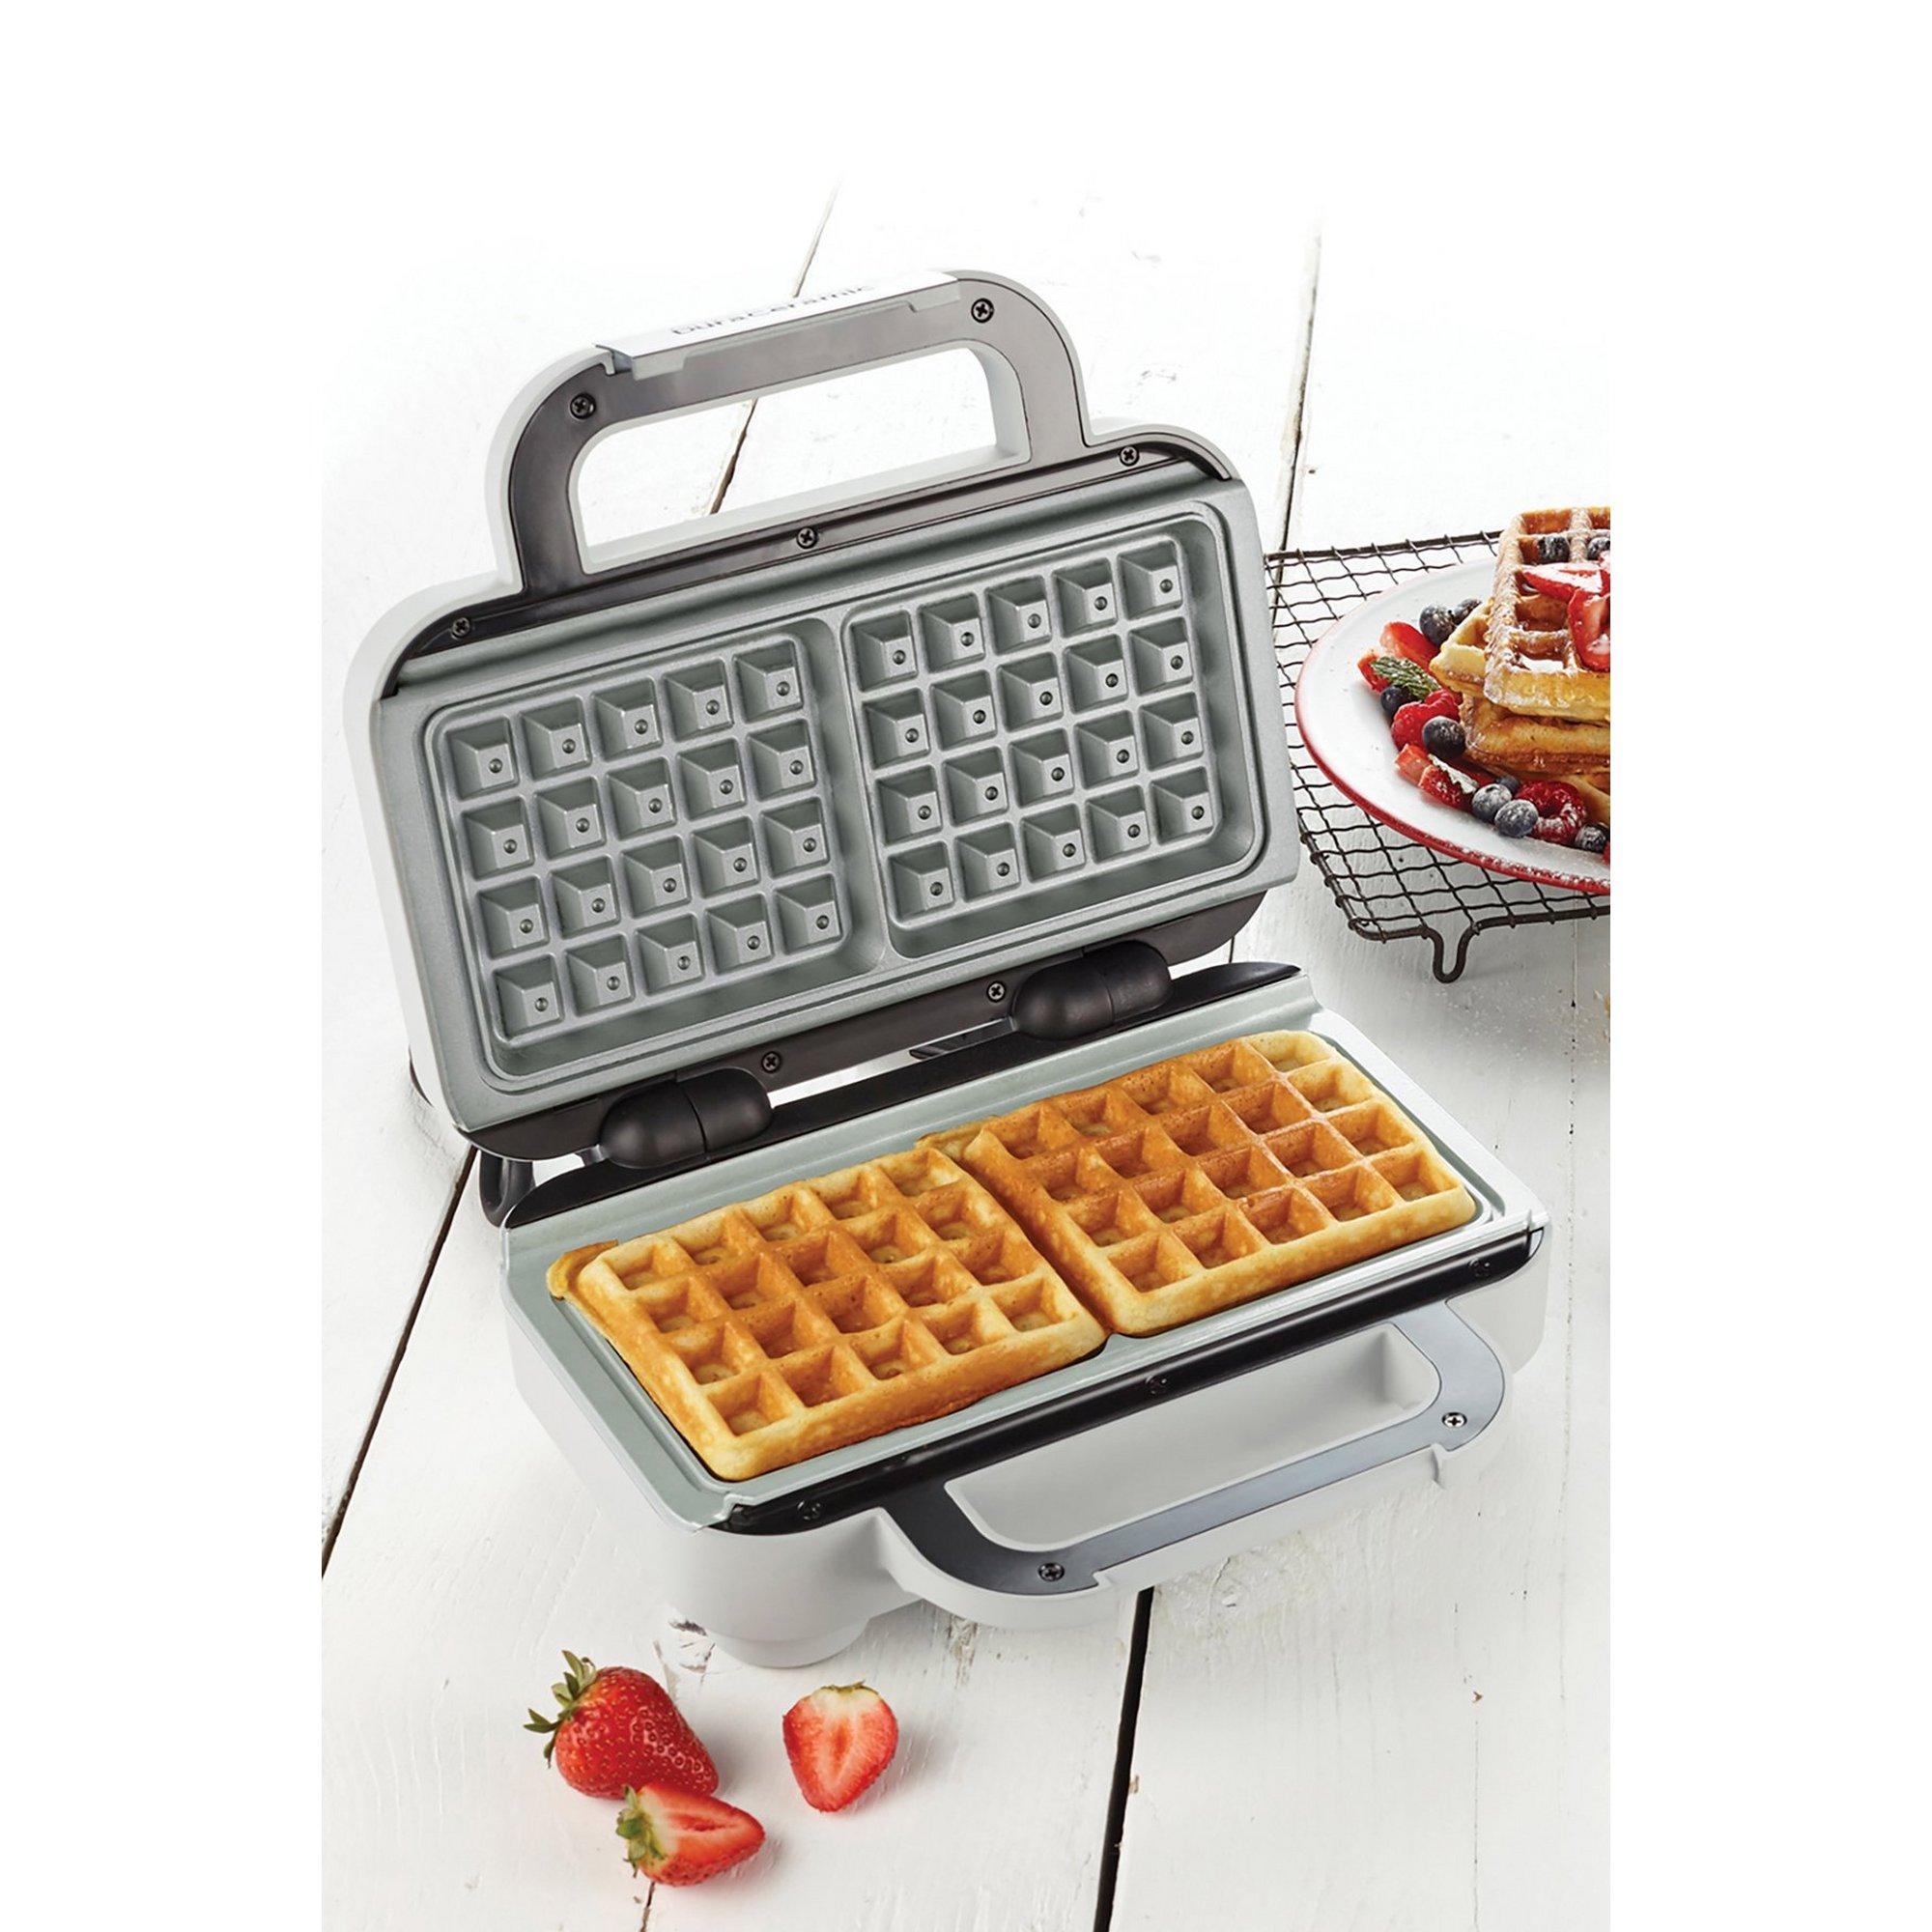 Image of Breville Dura Ceramic 2 Portion Waffle Maker